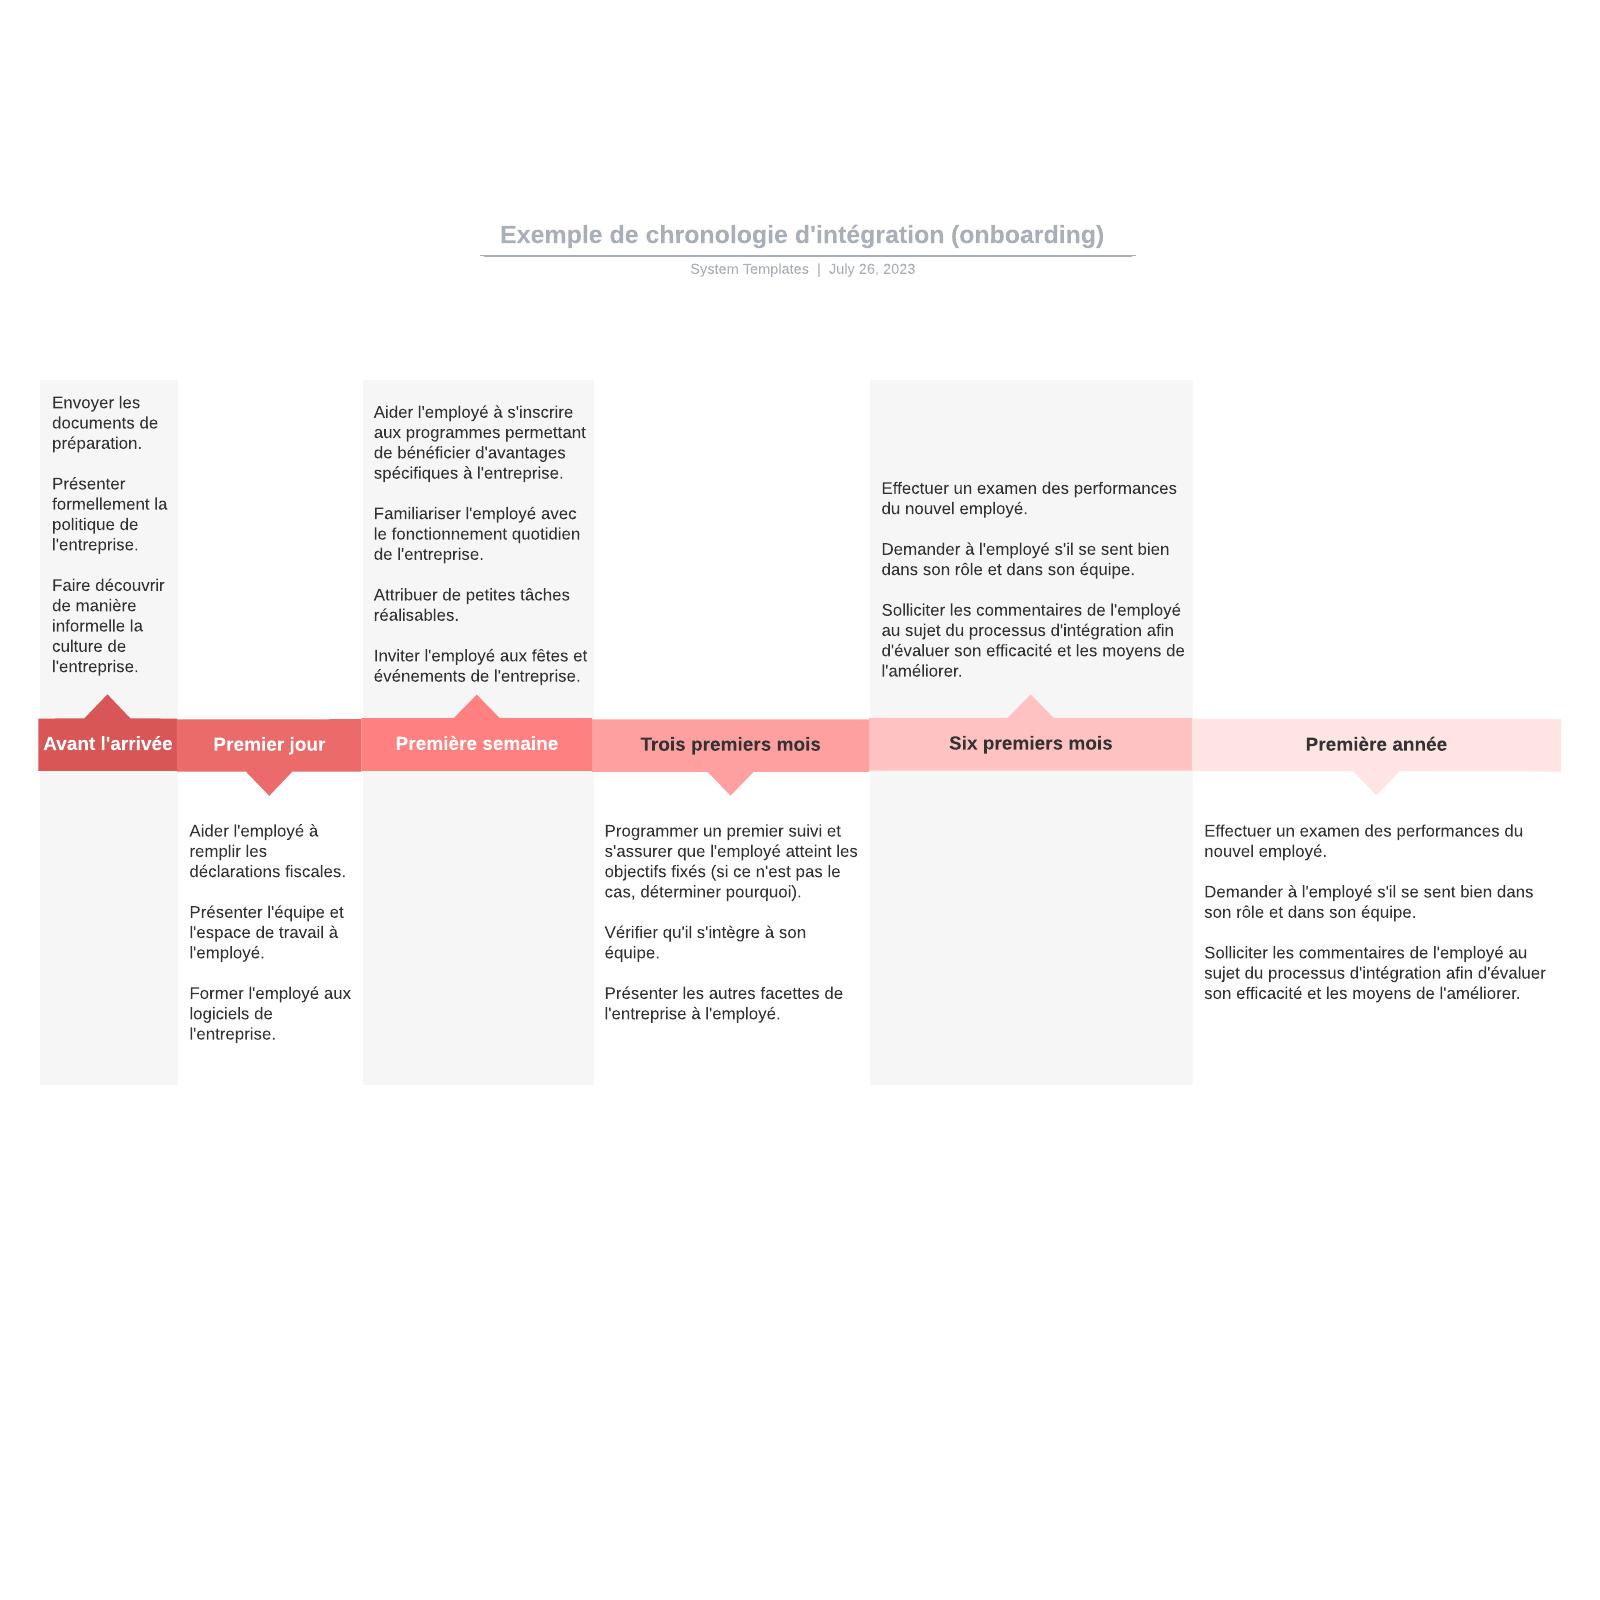 exemple de chronologie d'intégration (onboarding)